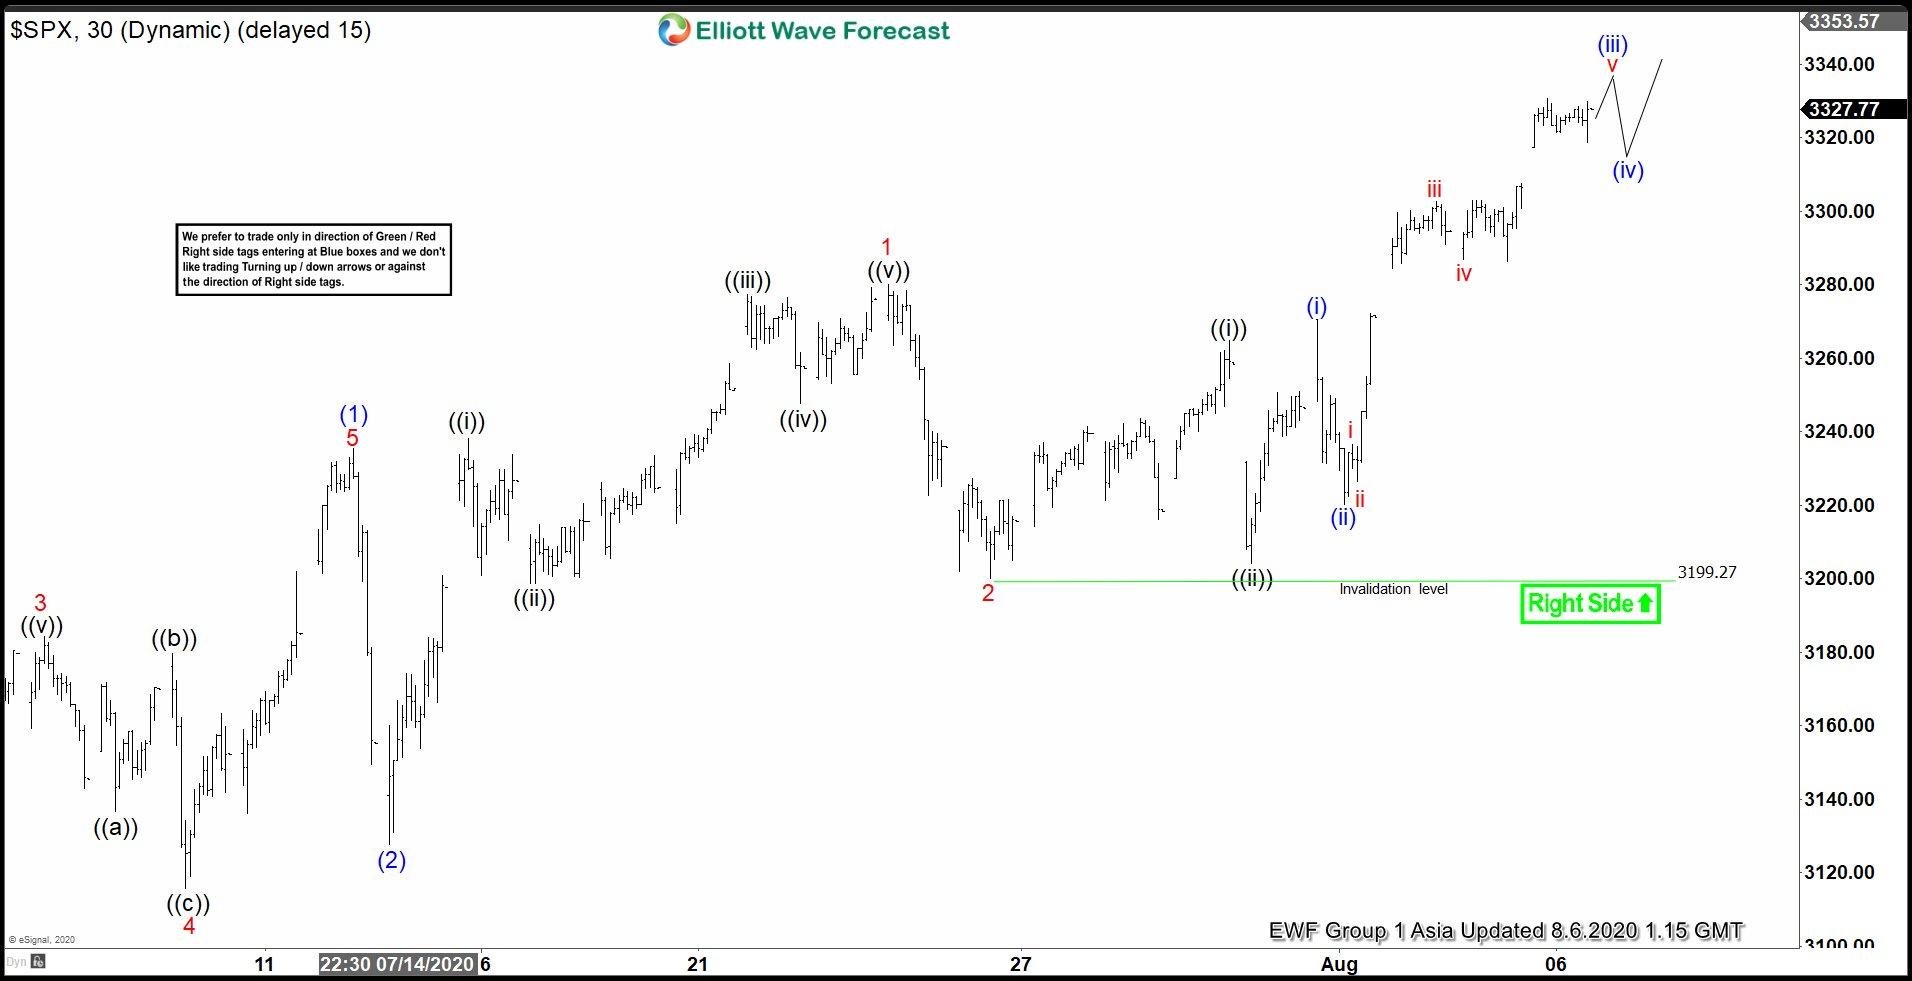 S&P 500 8.6.2020 Asia